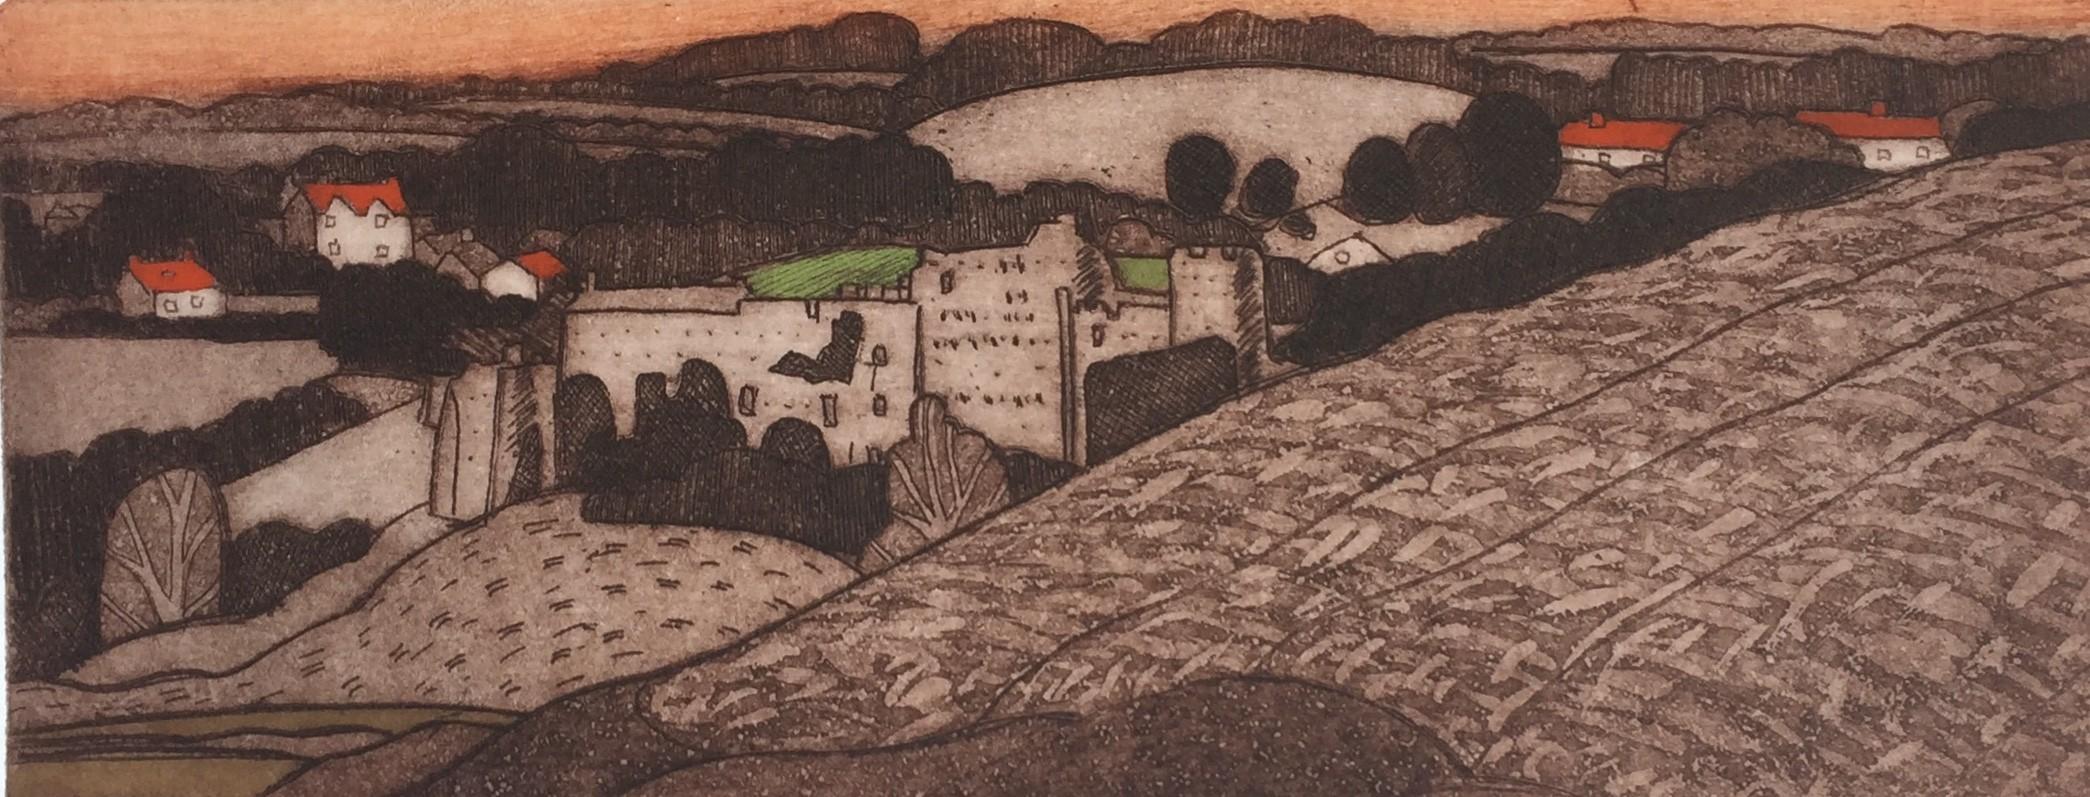 Manorbier Castle   Etching   Image size 9x22 cm   Paper size 15x33 cm